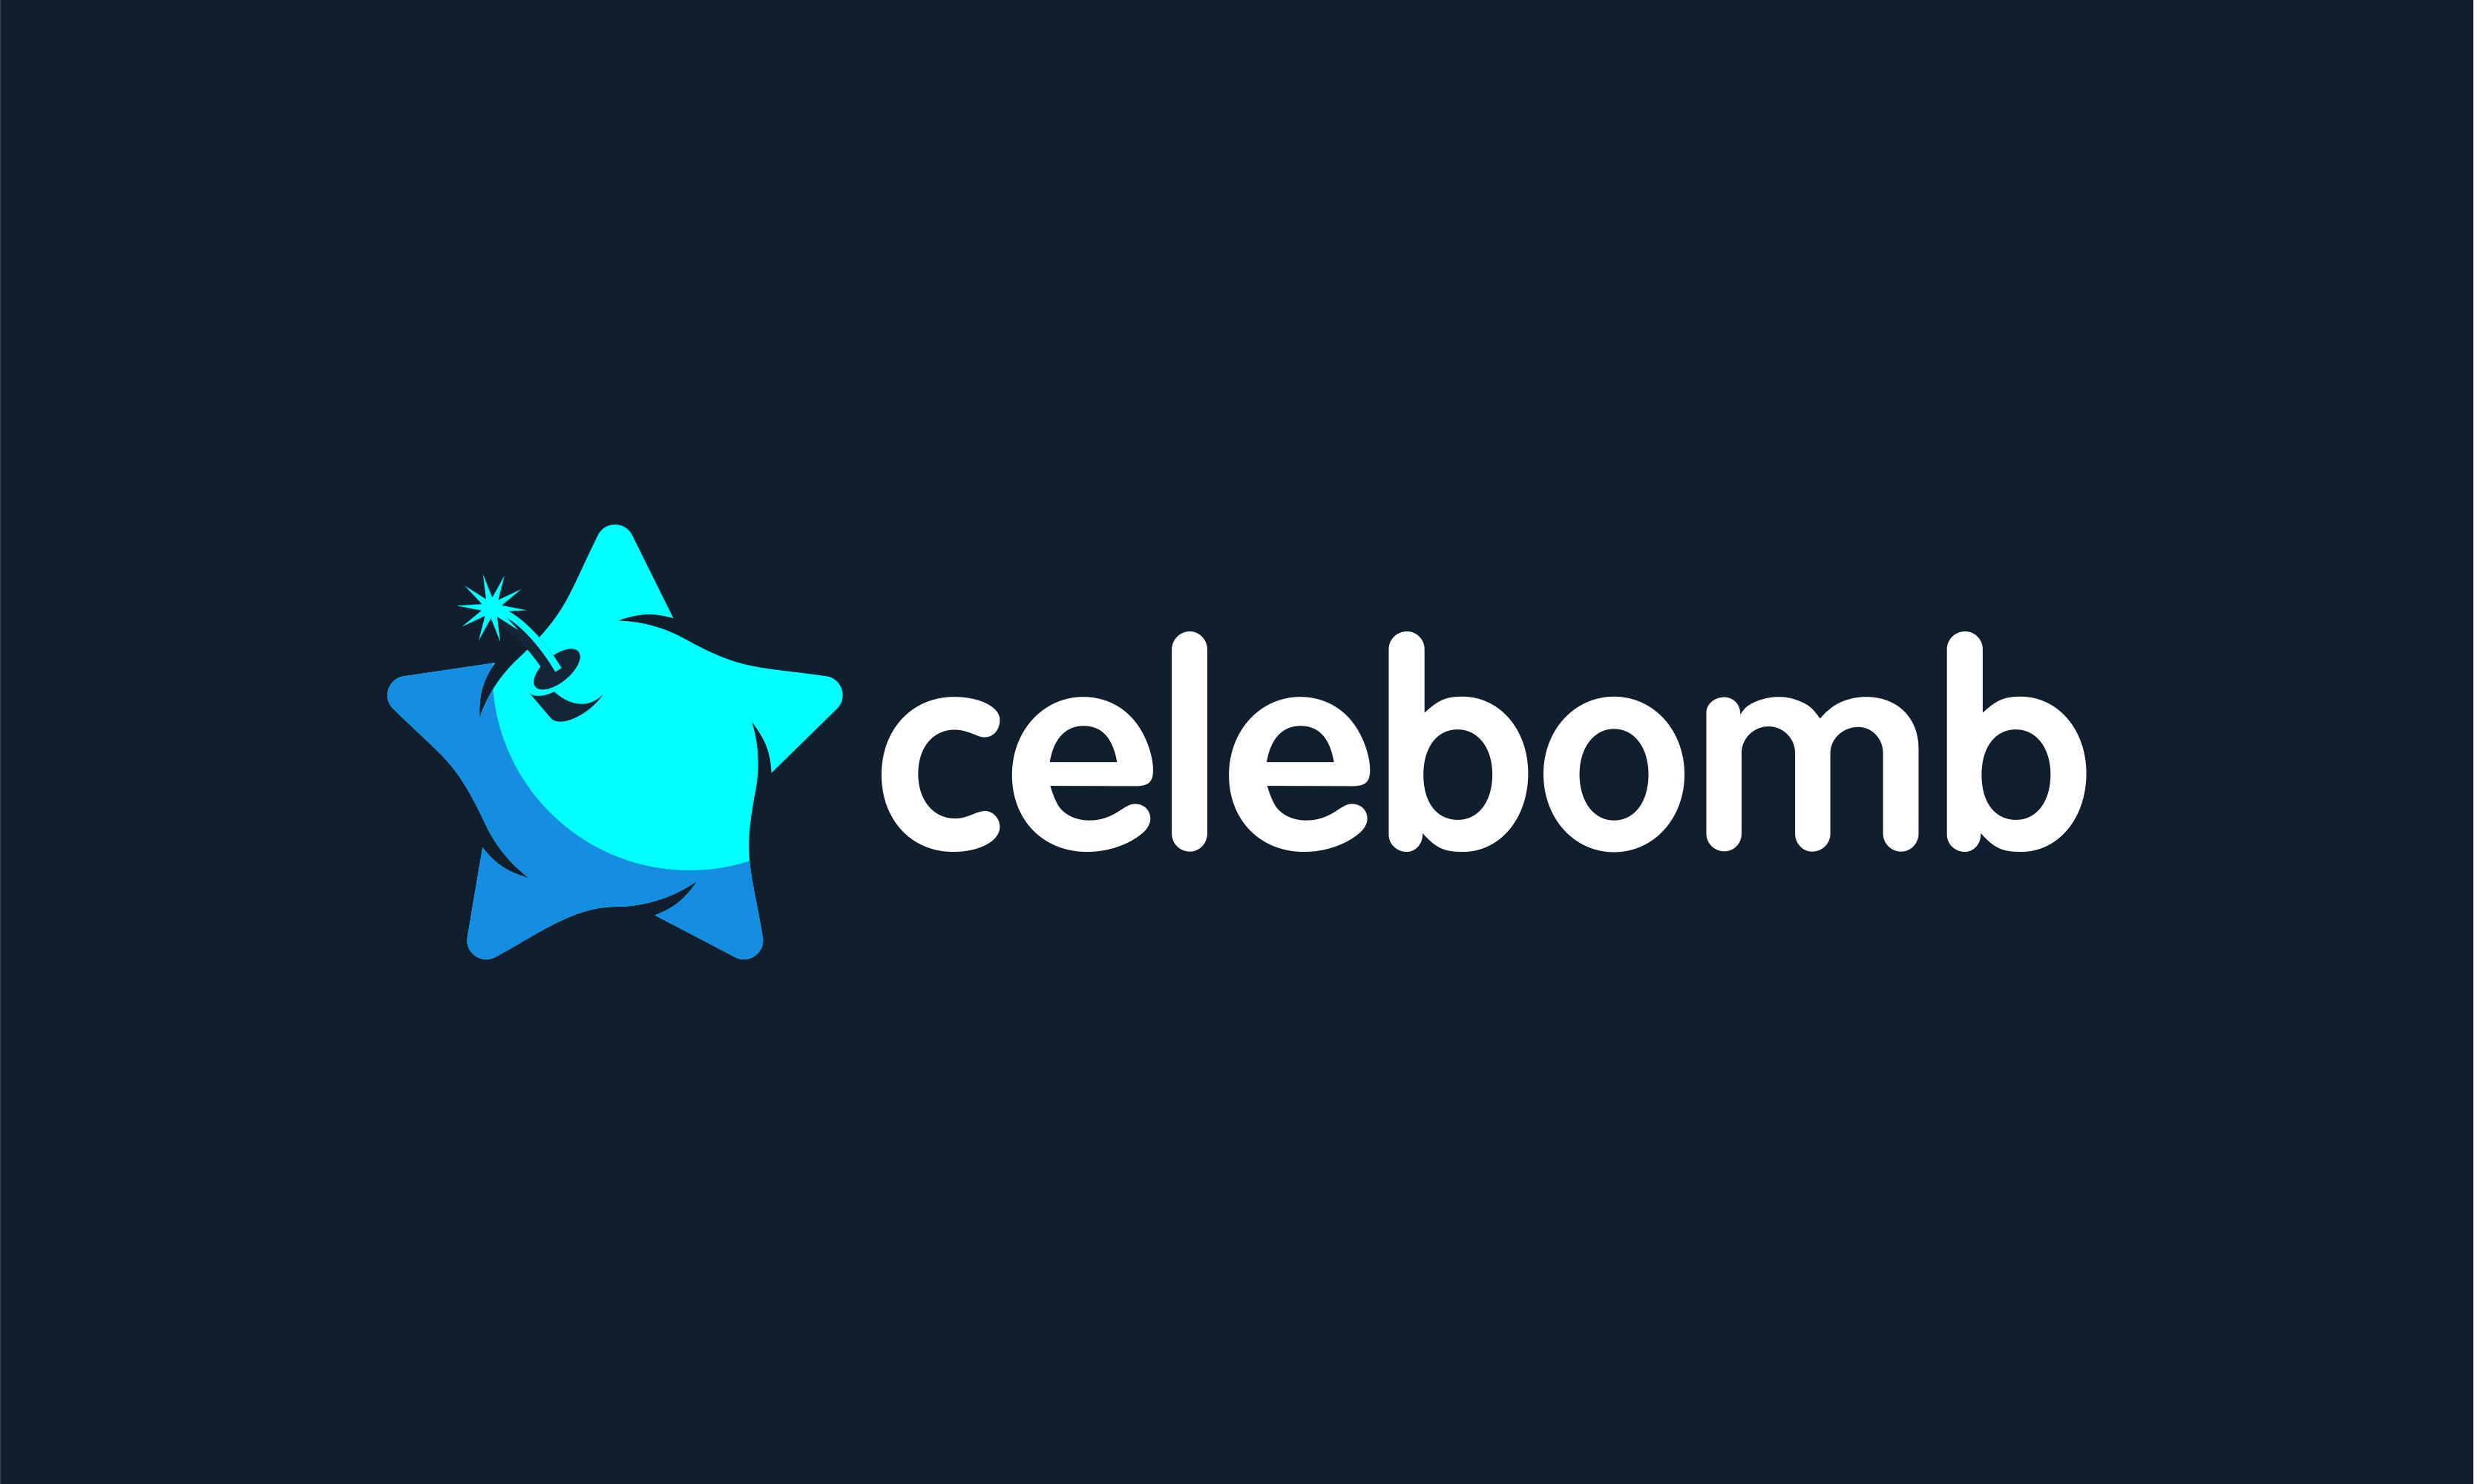 Celebomb